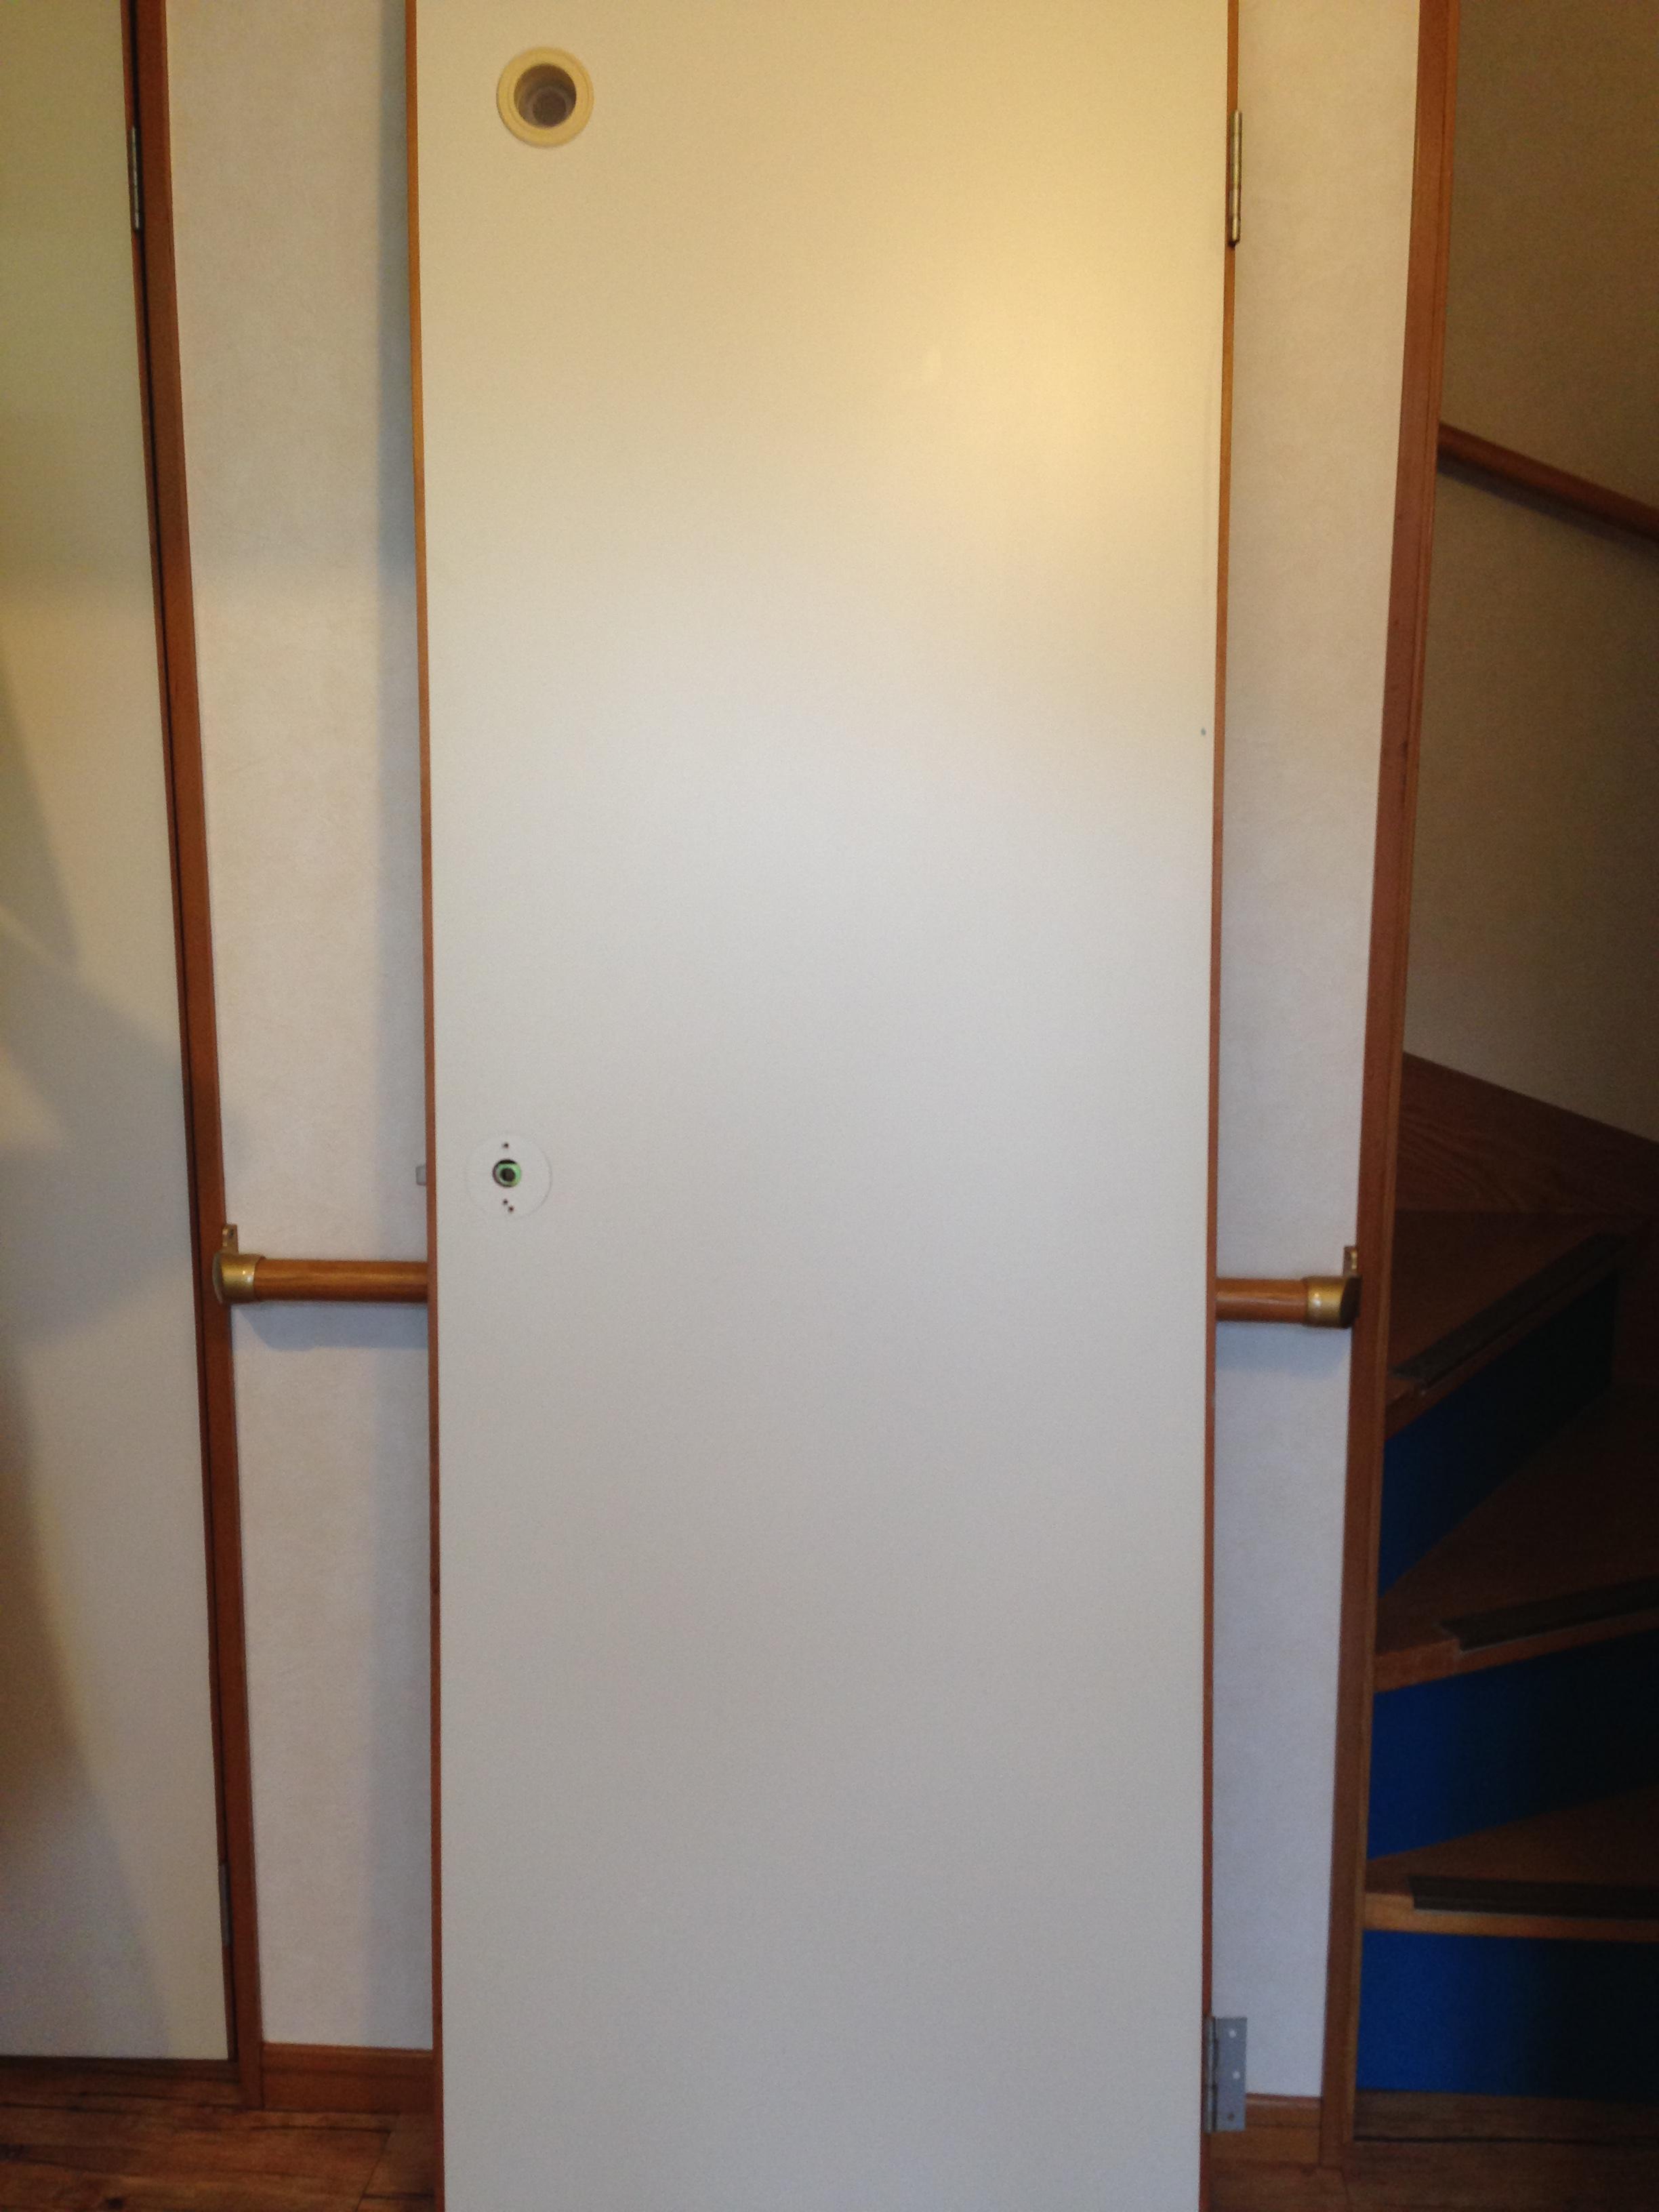 壁紙を利用したドアのイメージチェンジ 松山市の不動産鑑定評価なら